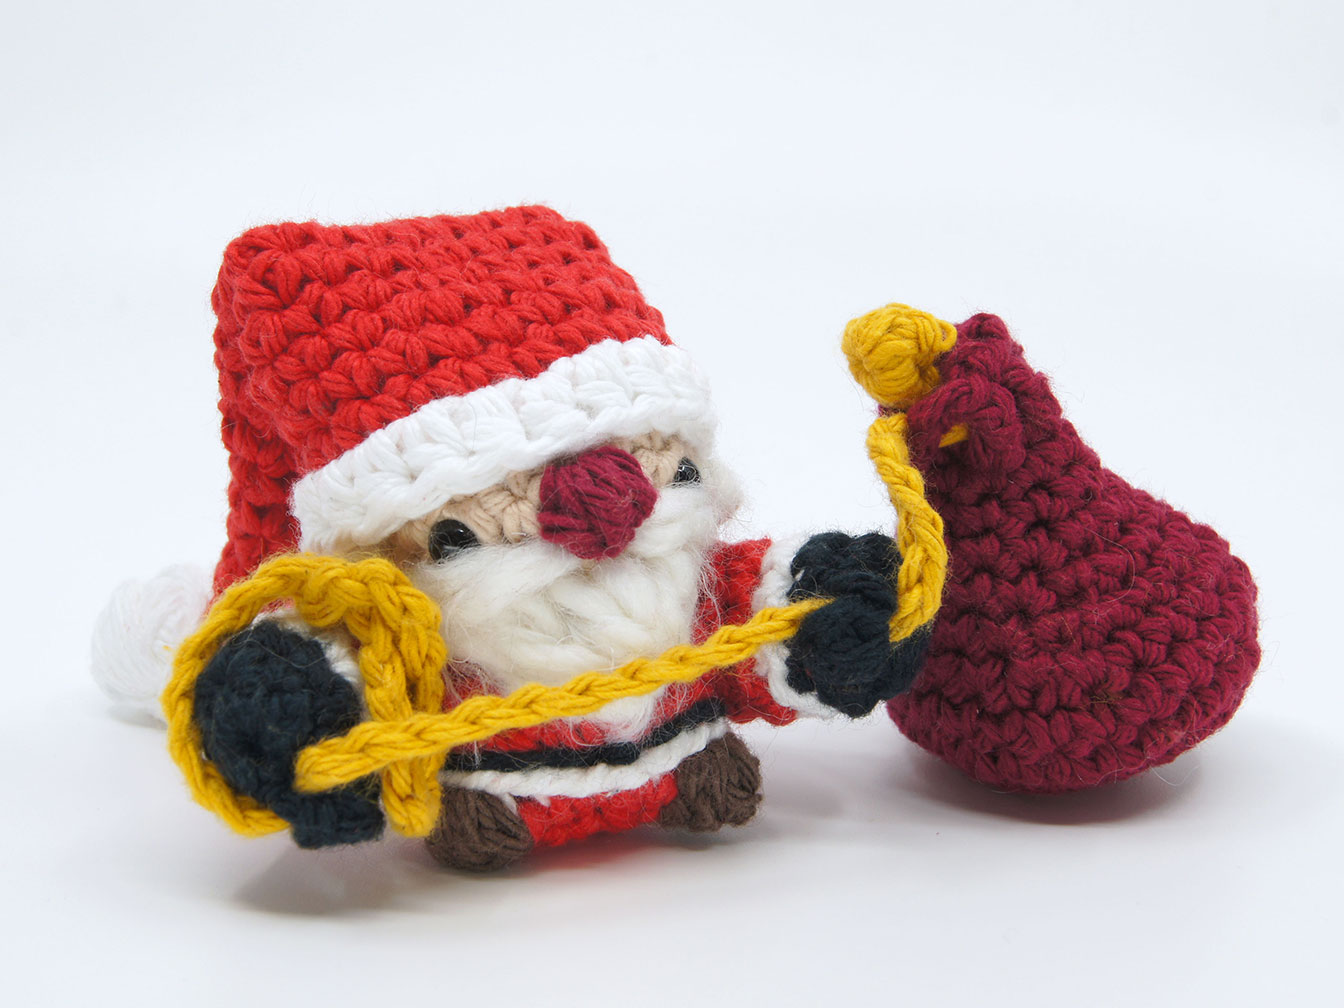 Crocheted Santa Claus